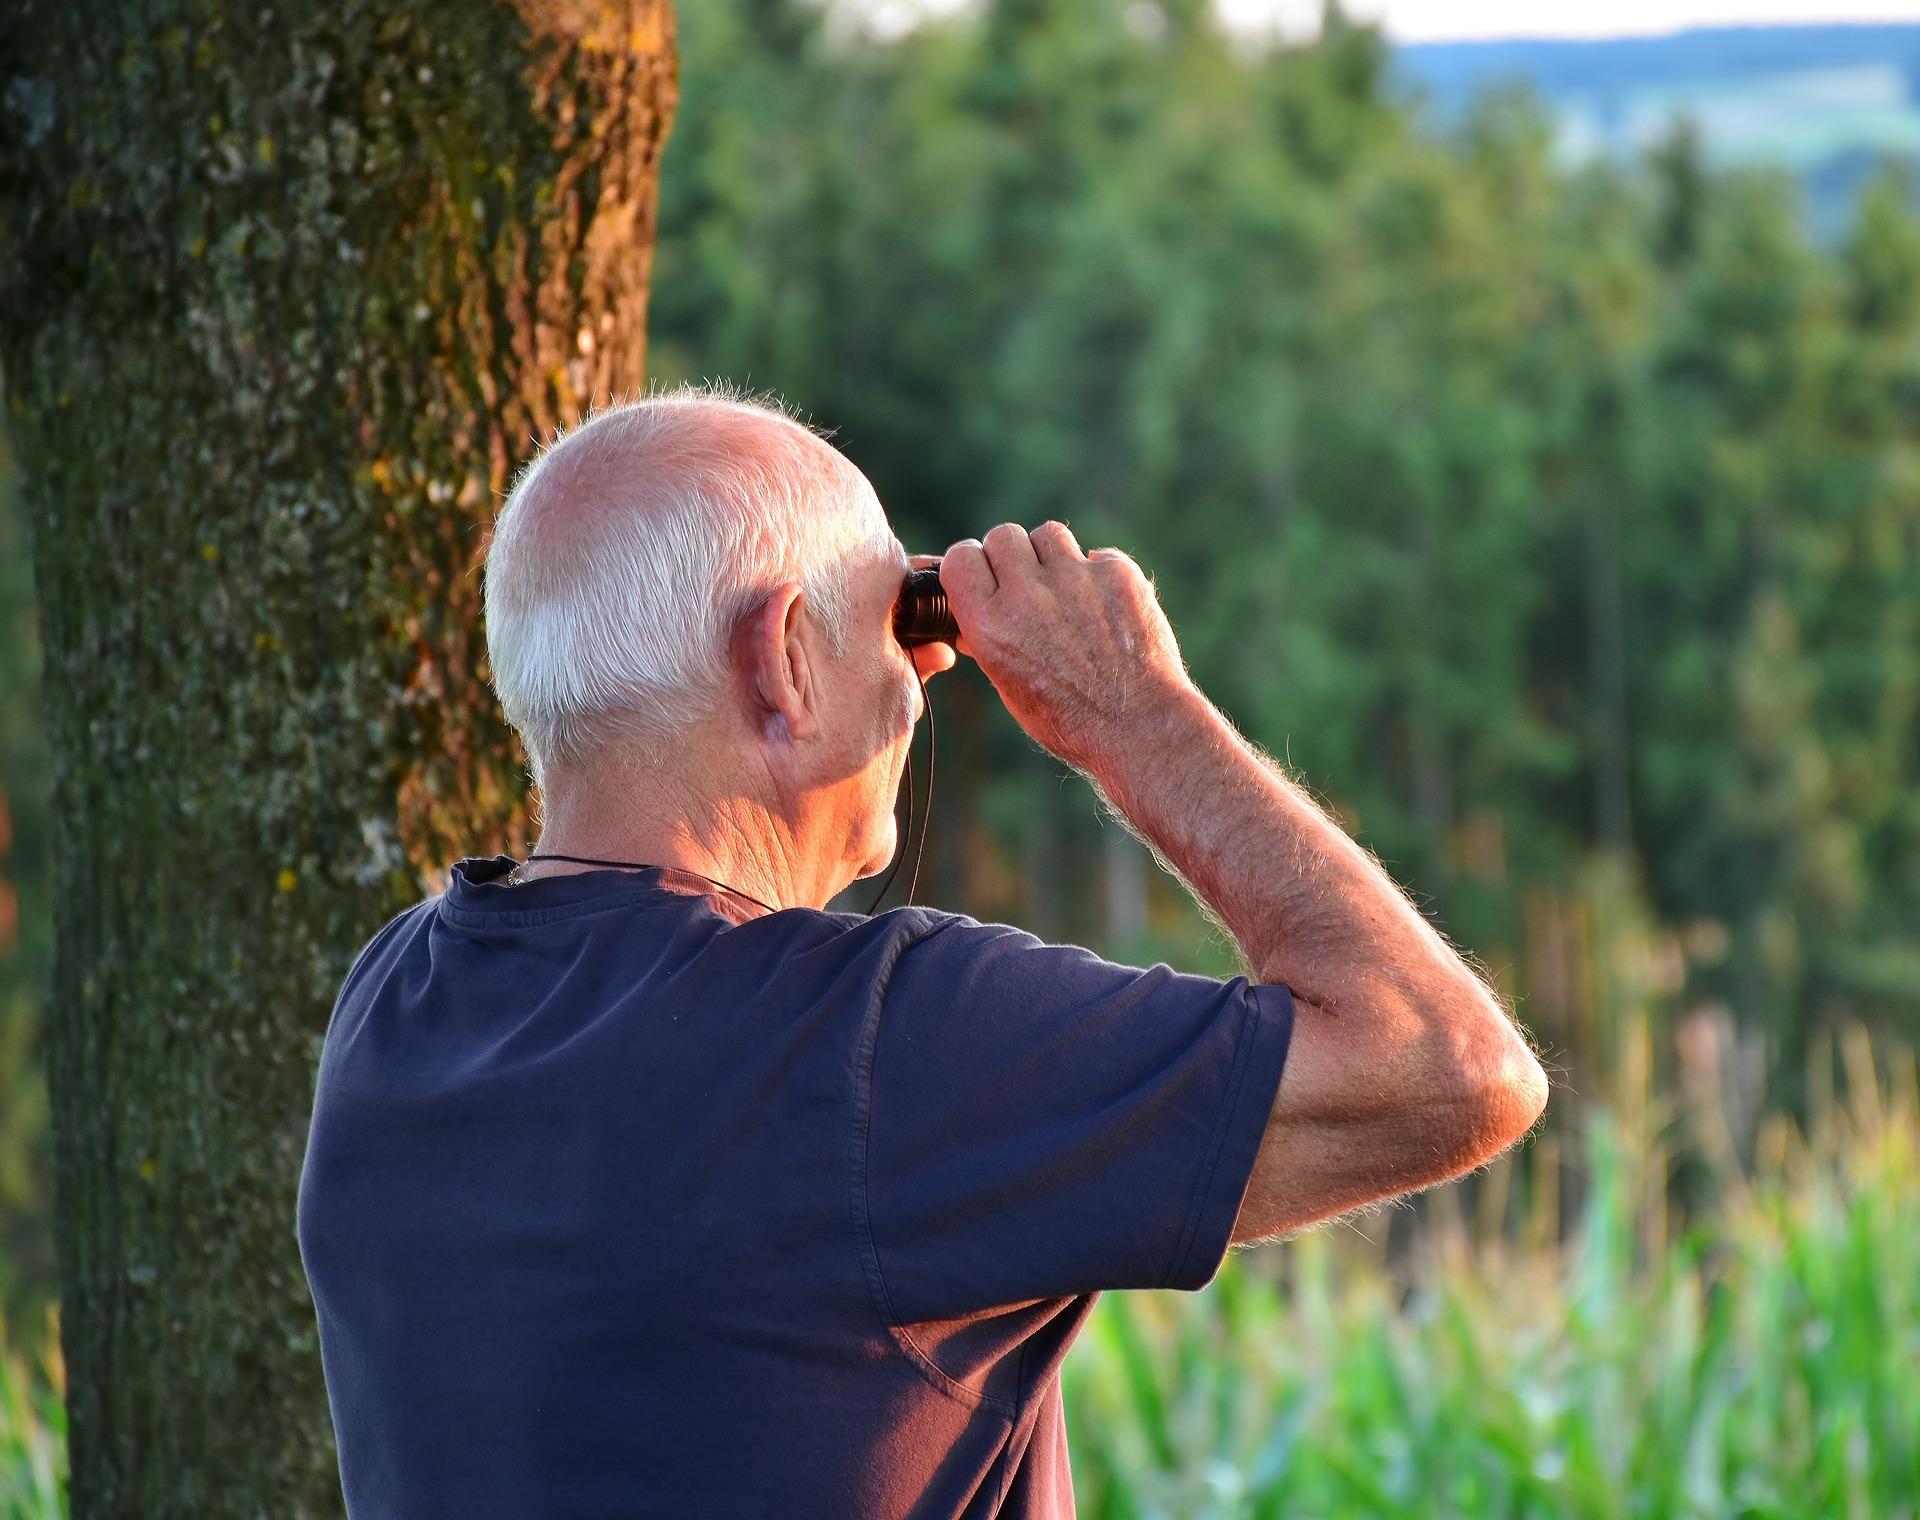 Senior schaut mit Fernglas in die Ferne. Foto: RitaE/pixabay.com